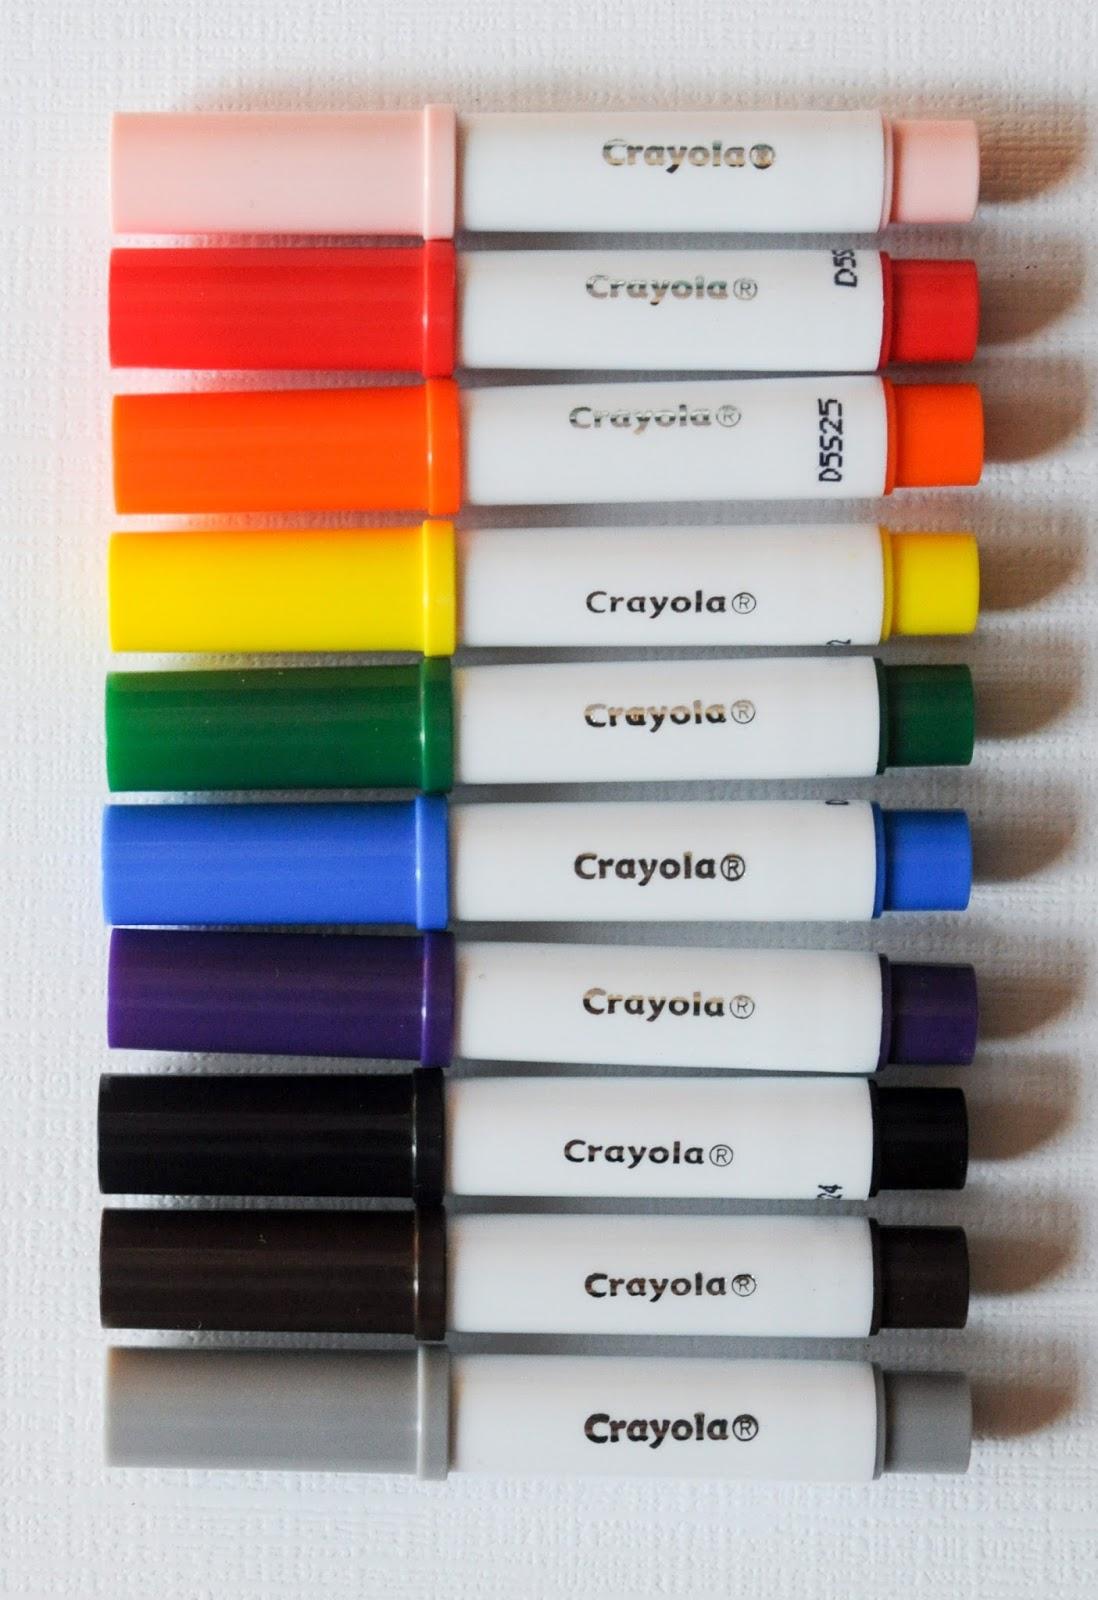 Purple Crayola Crayon 10 Count Crayola Might...